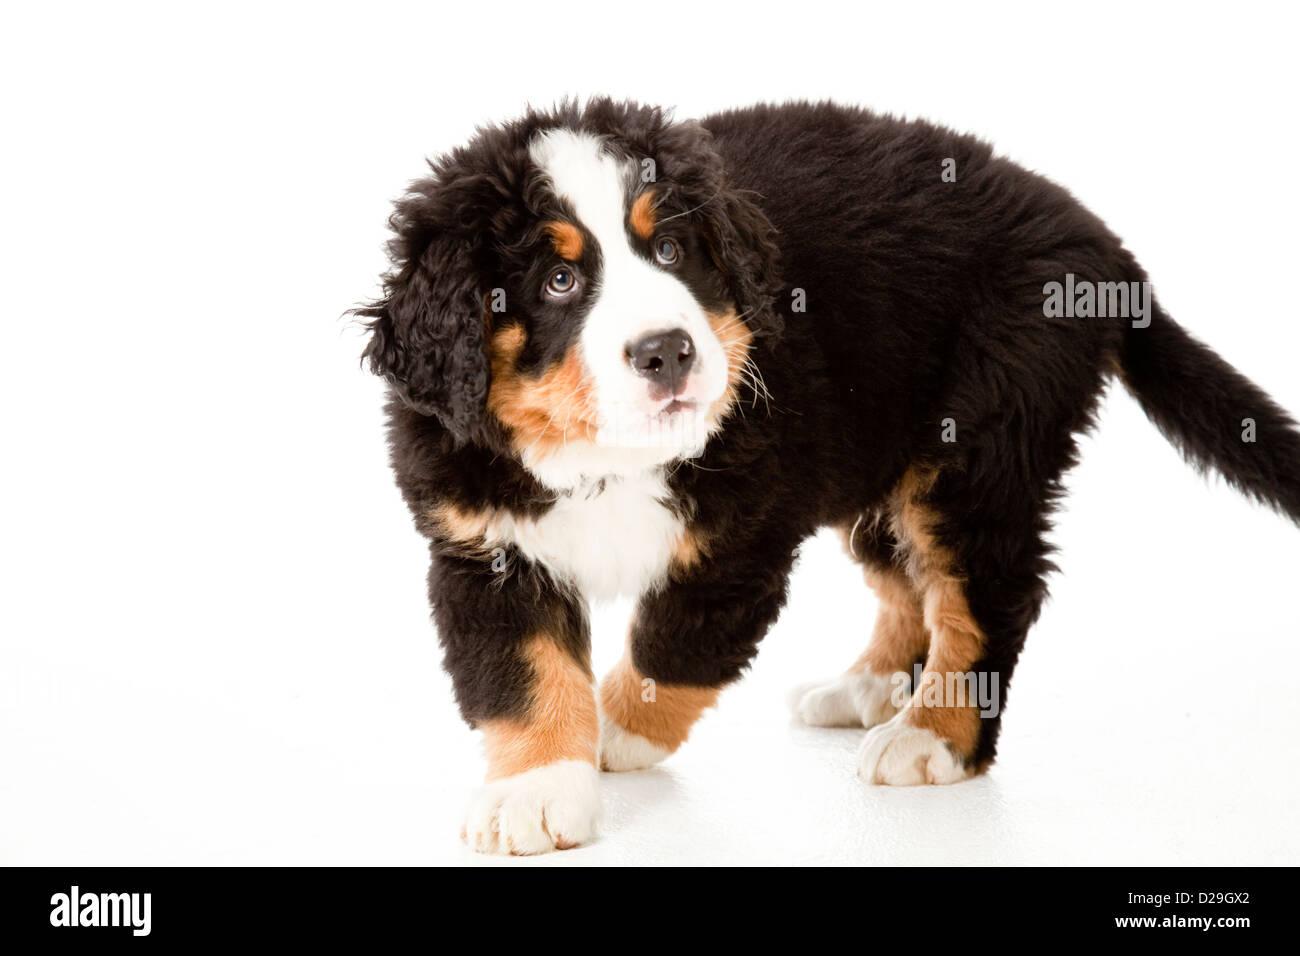 10 semanas de edad cachorro de Perro de montaña Bernese Imagen De Stock